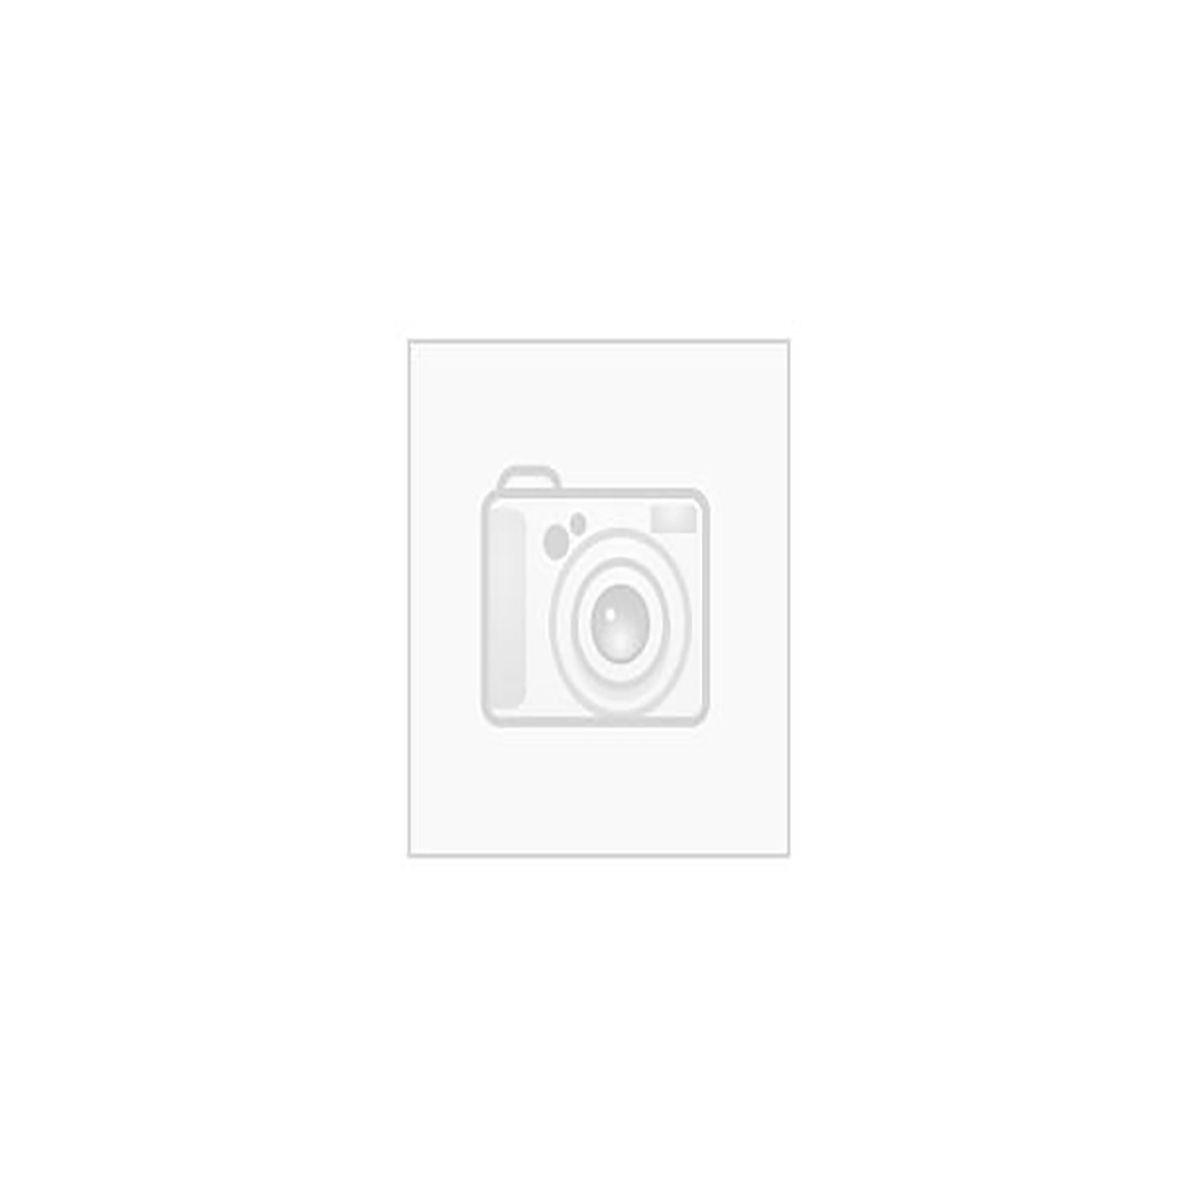 Sanipex Ventil f/fordeler med frimutter NK 20 mm